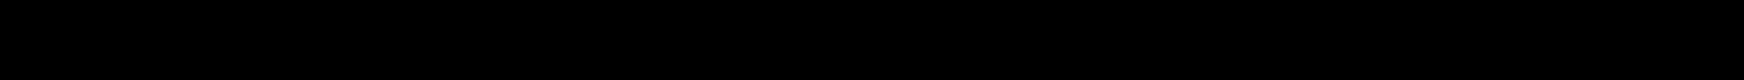 BelizioGreek-MediumItalic.otf